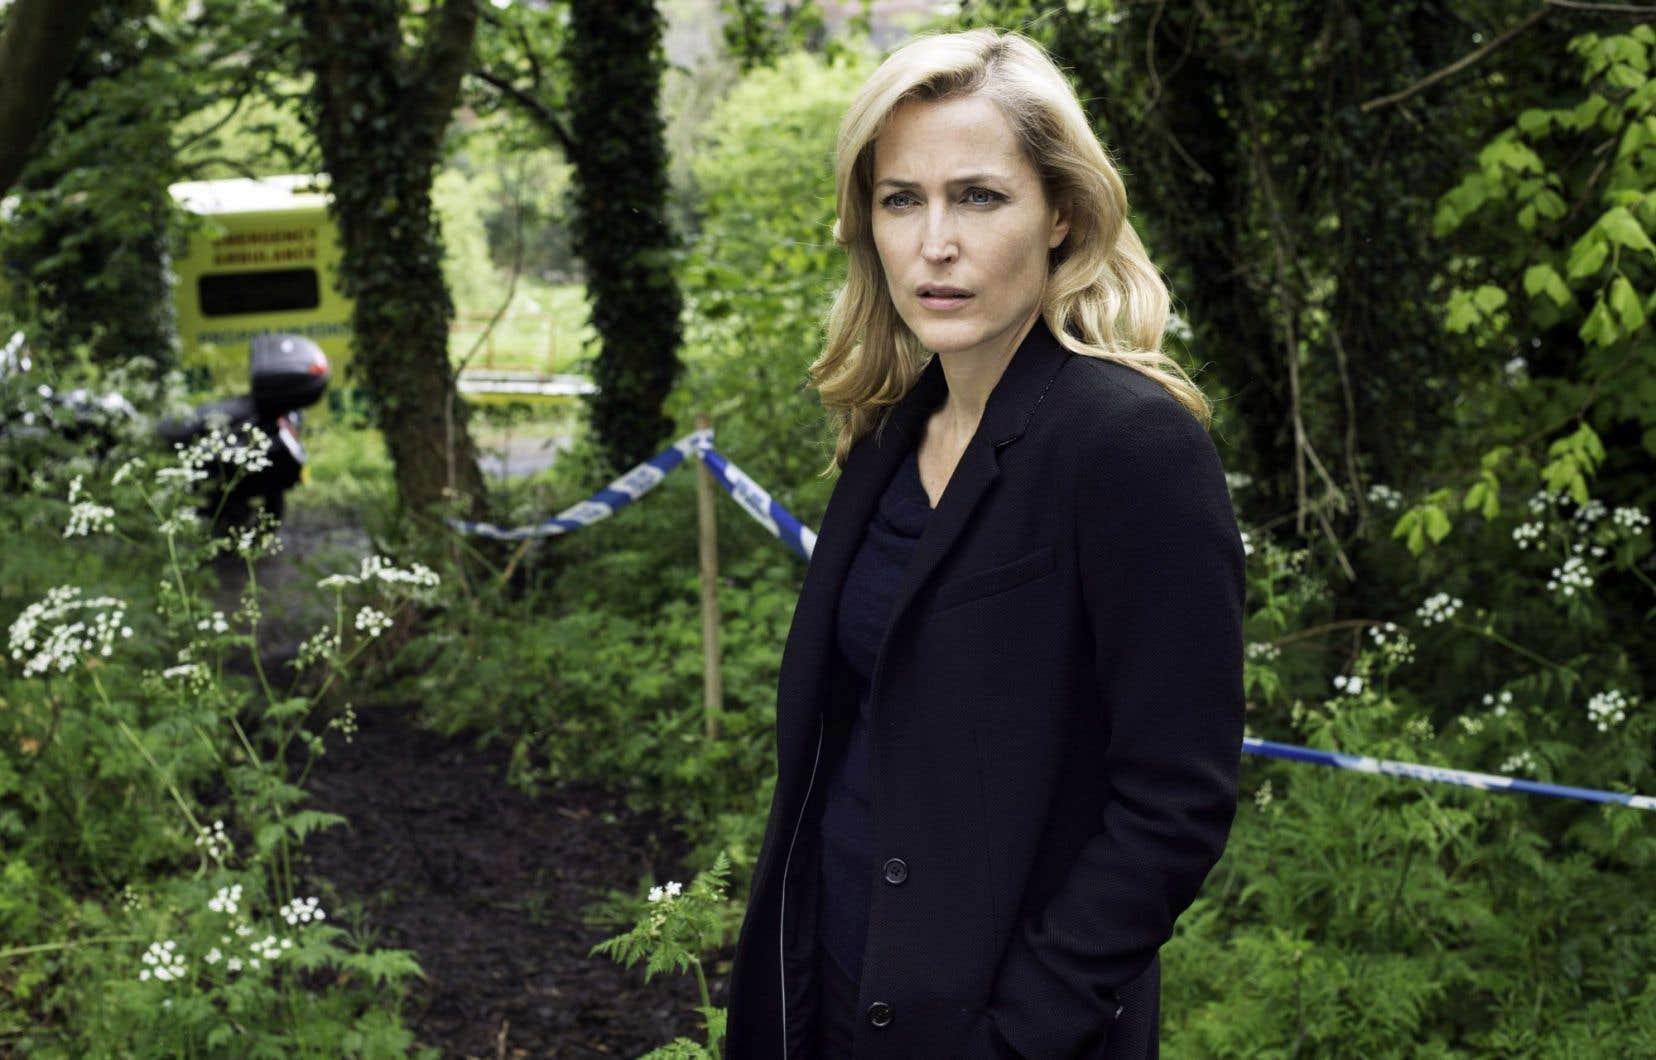 L'héroïne de «The Fall», interprétée par Gillian Anderson, a été décrite comme la plus féministe des dernières années à la télévision.